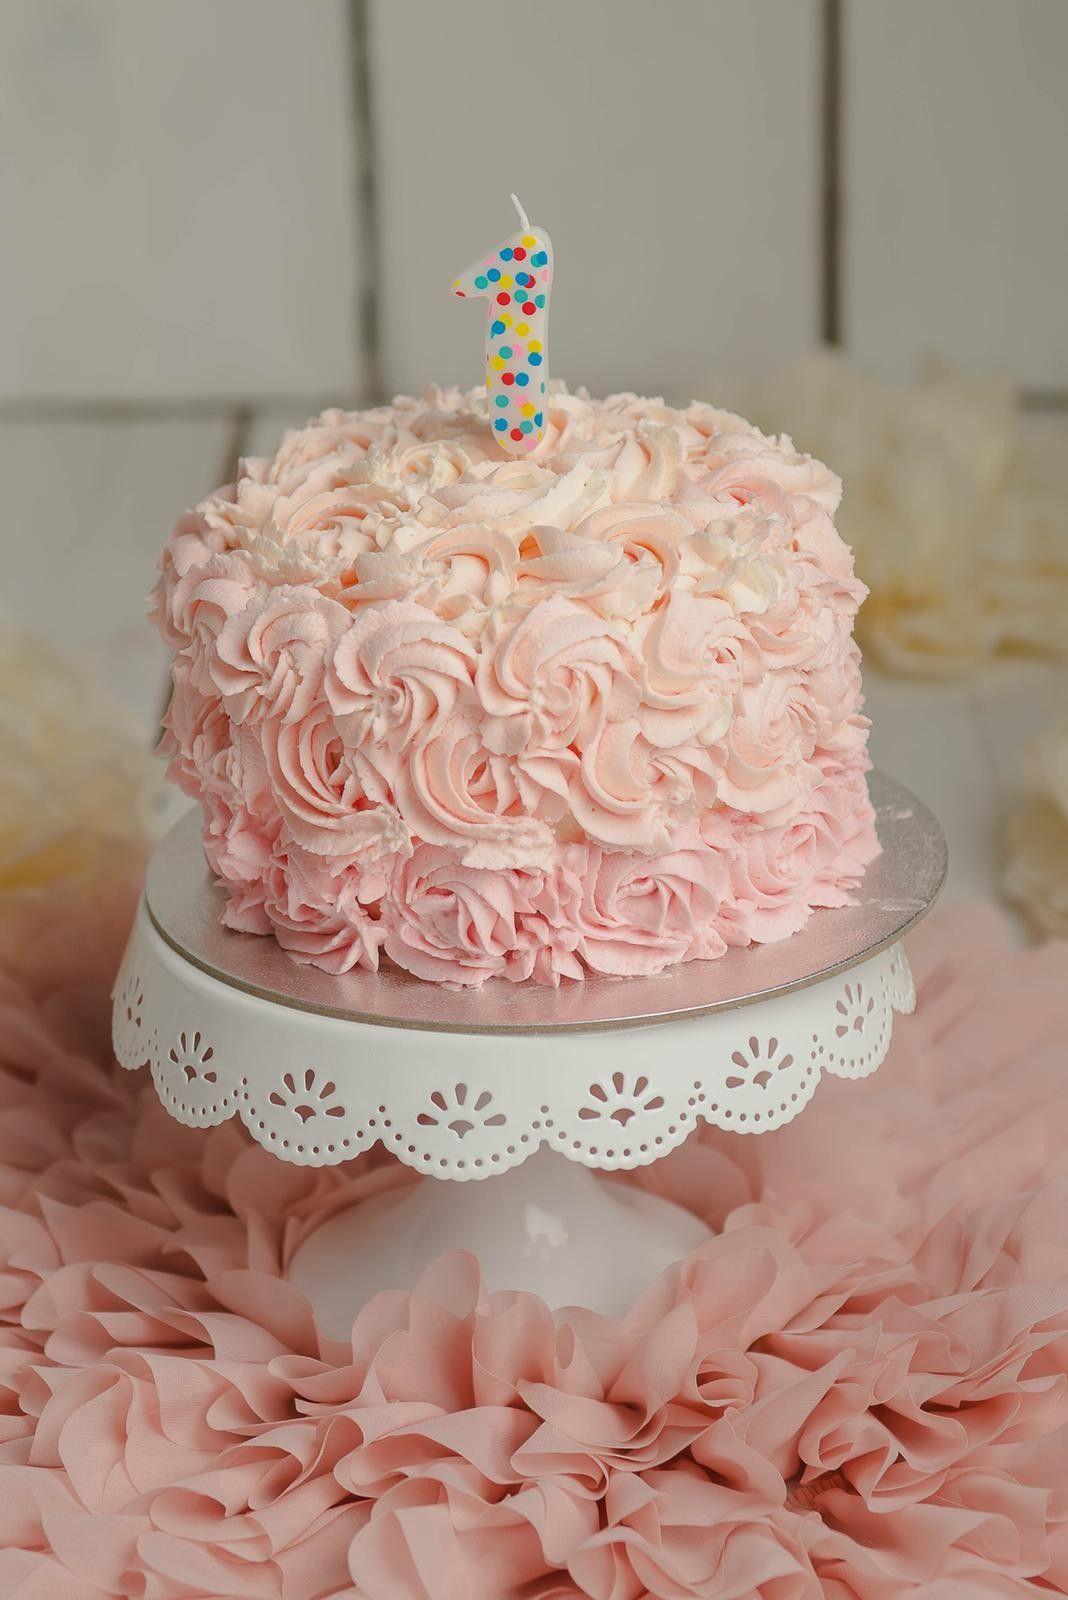 Cake Smash Torte Selbermachen Rezept Kuchen Zerschlagen Kuchen Ideen Kuchen Flugzeug Geburtstag